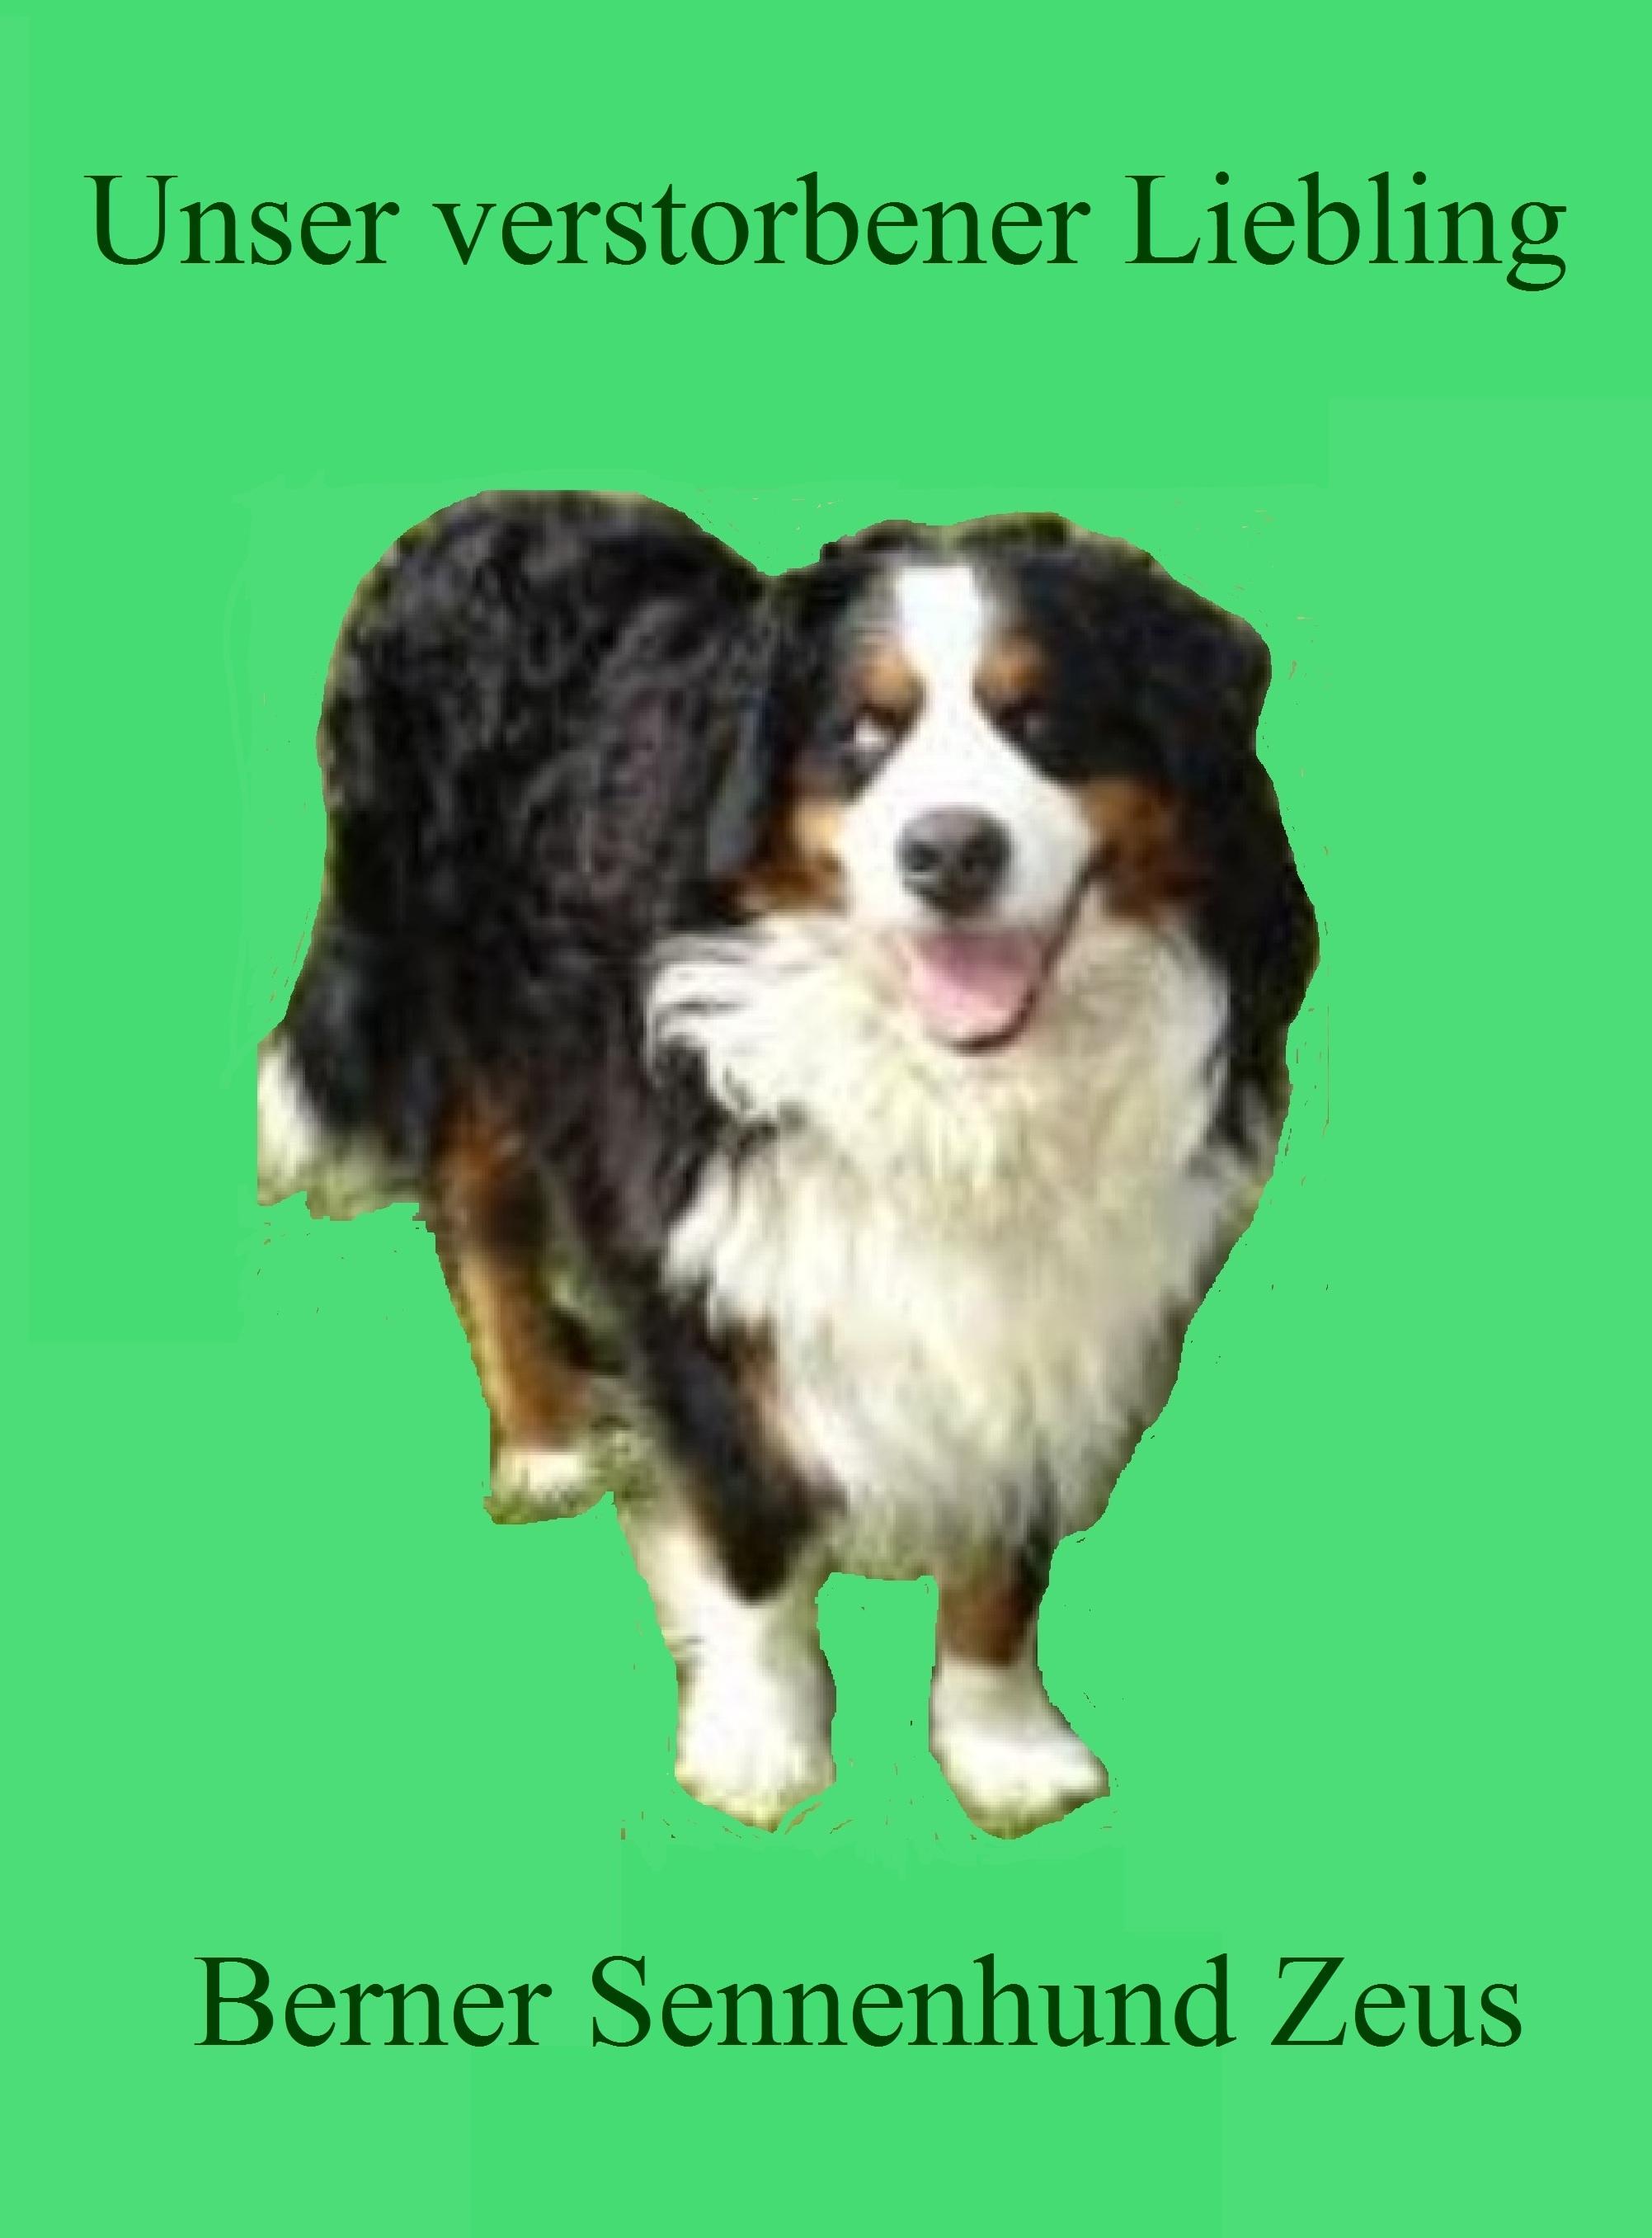 Unser verstorbener Liebling Berner Sennenhund Zeus. Foto: Eckart Kreitlow